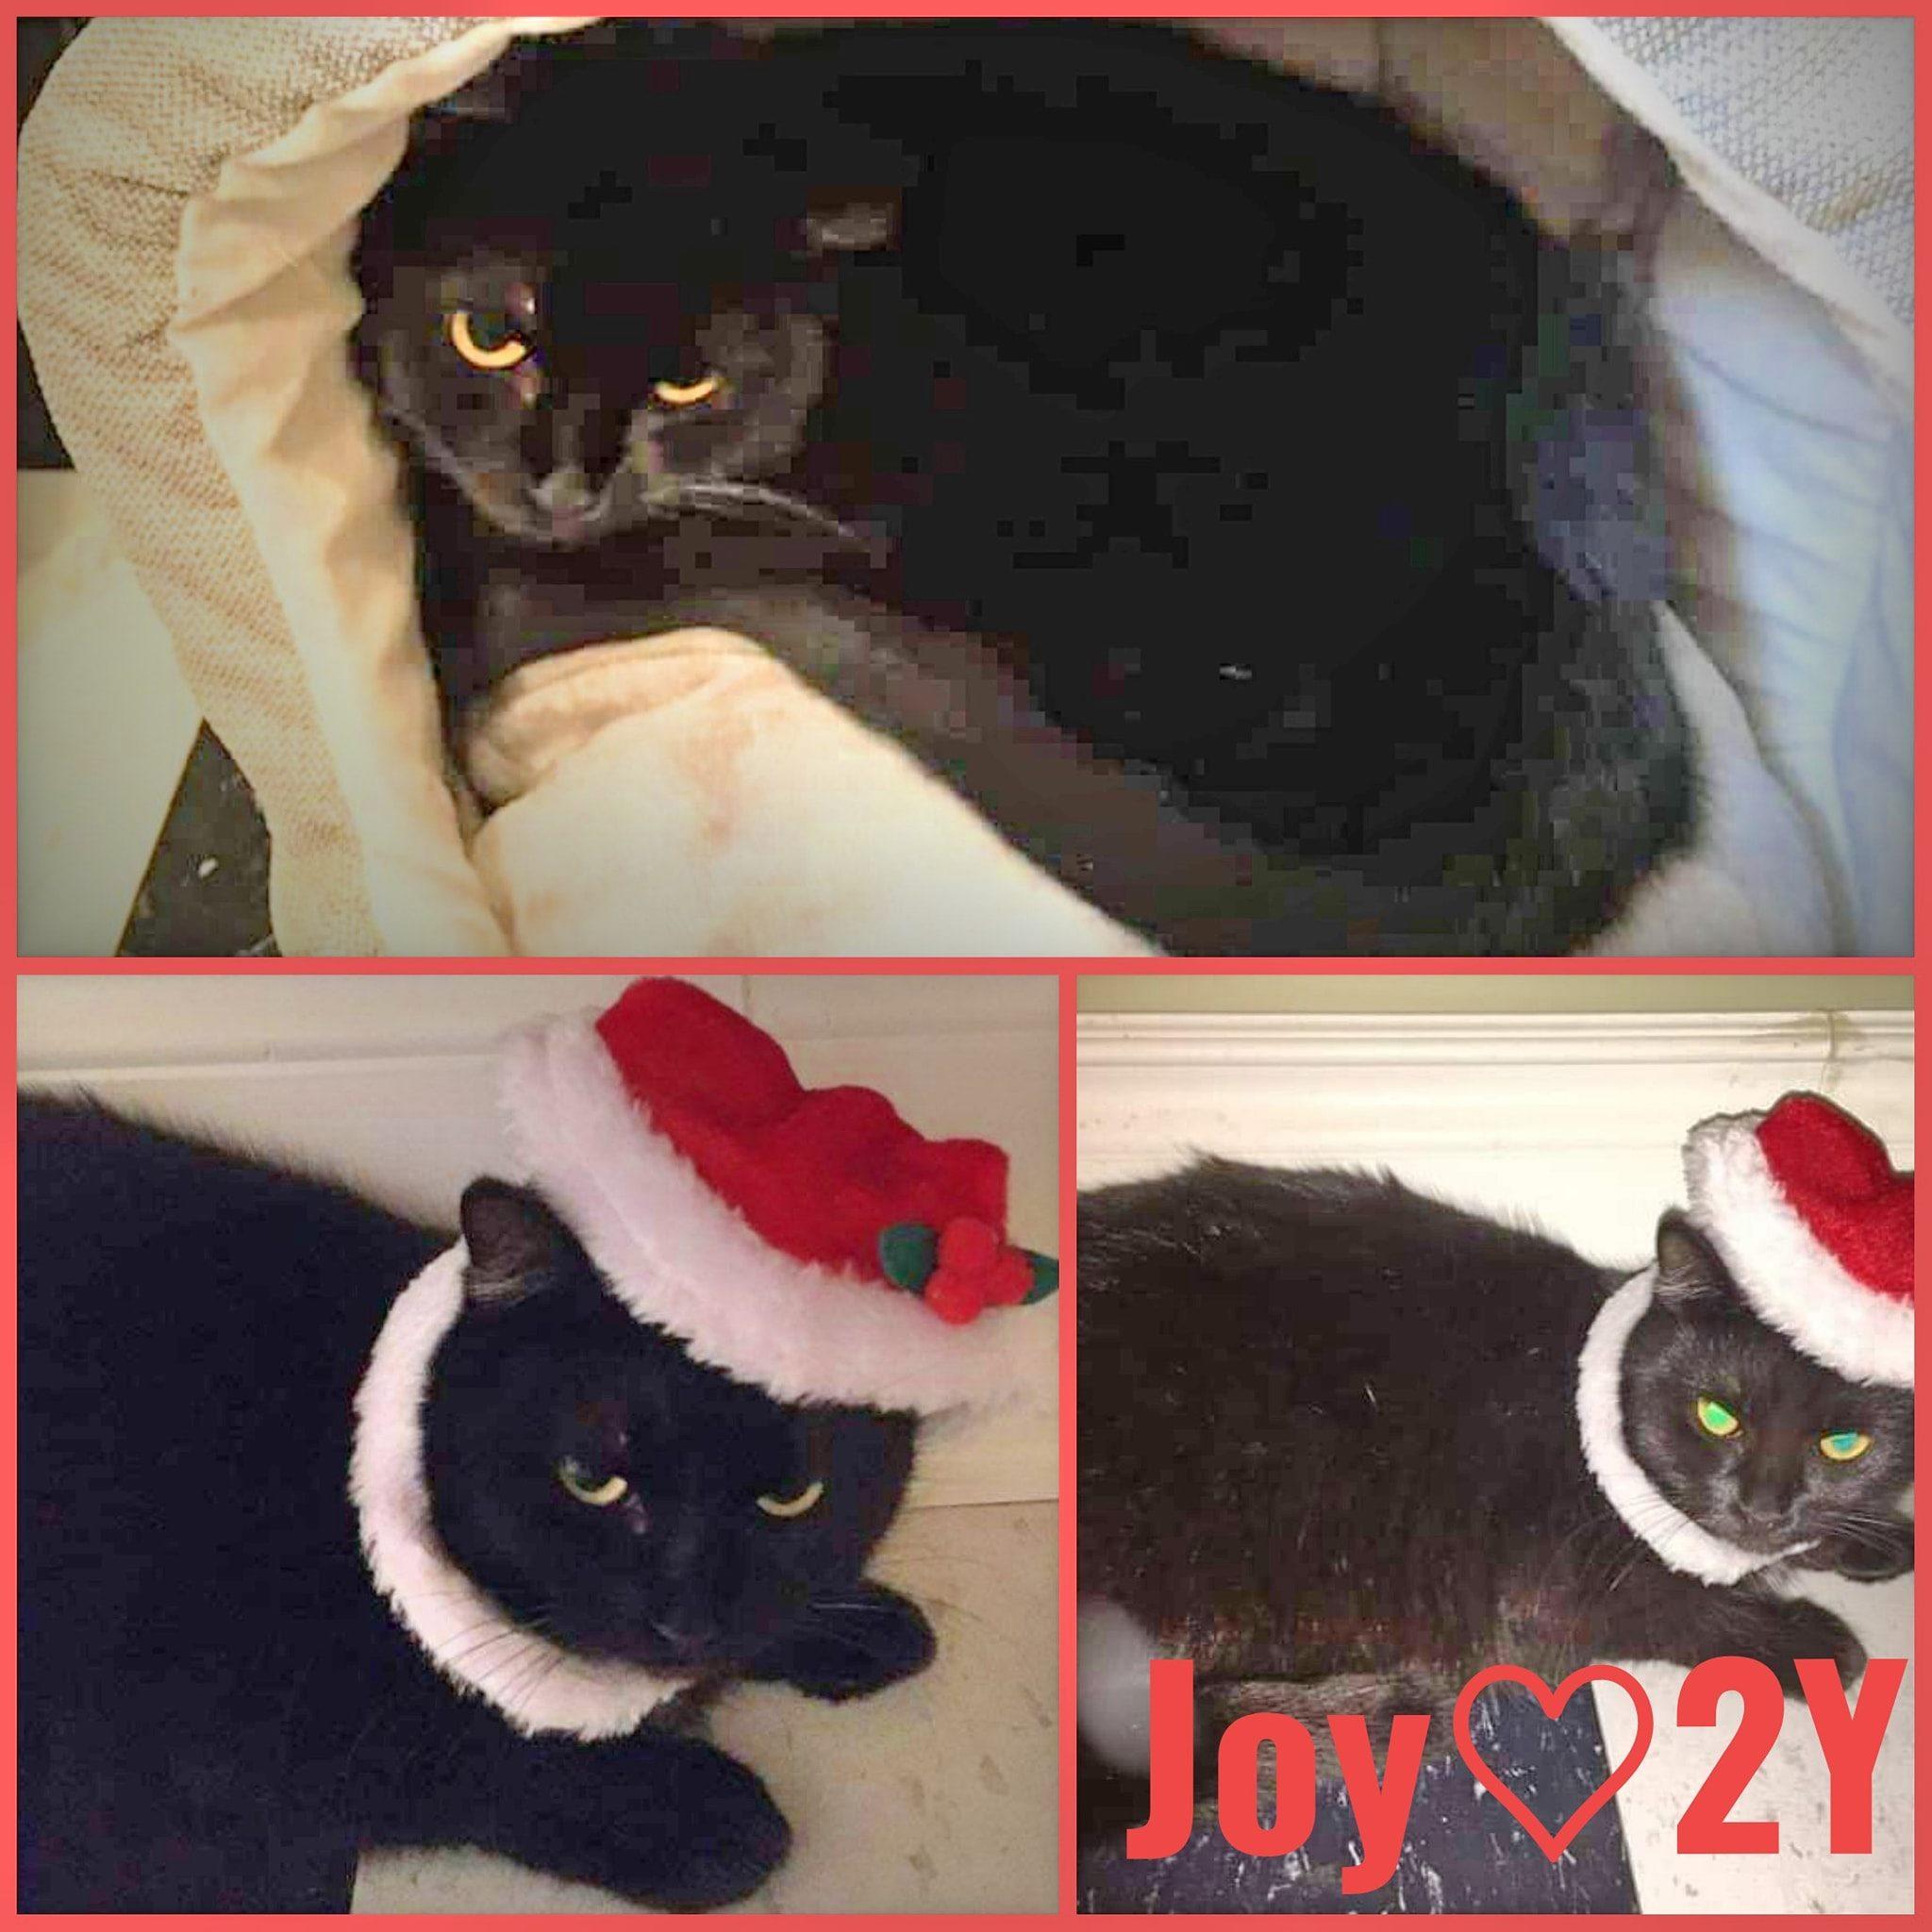 Joy-Female-2 Year